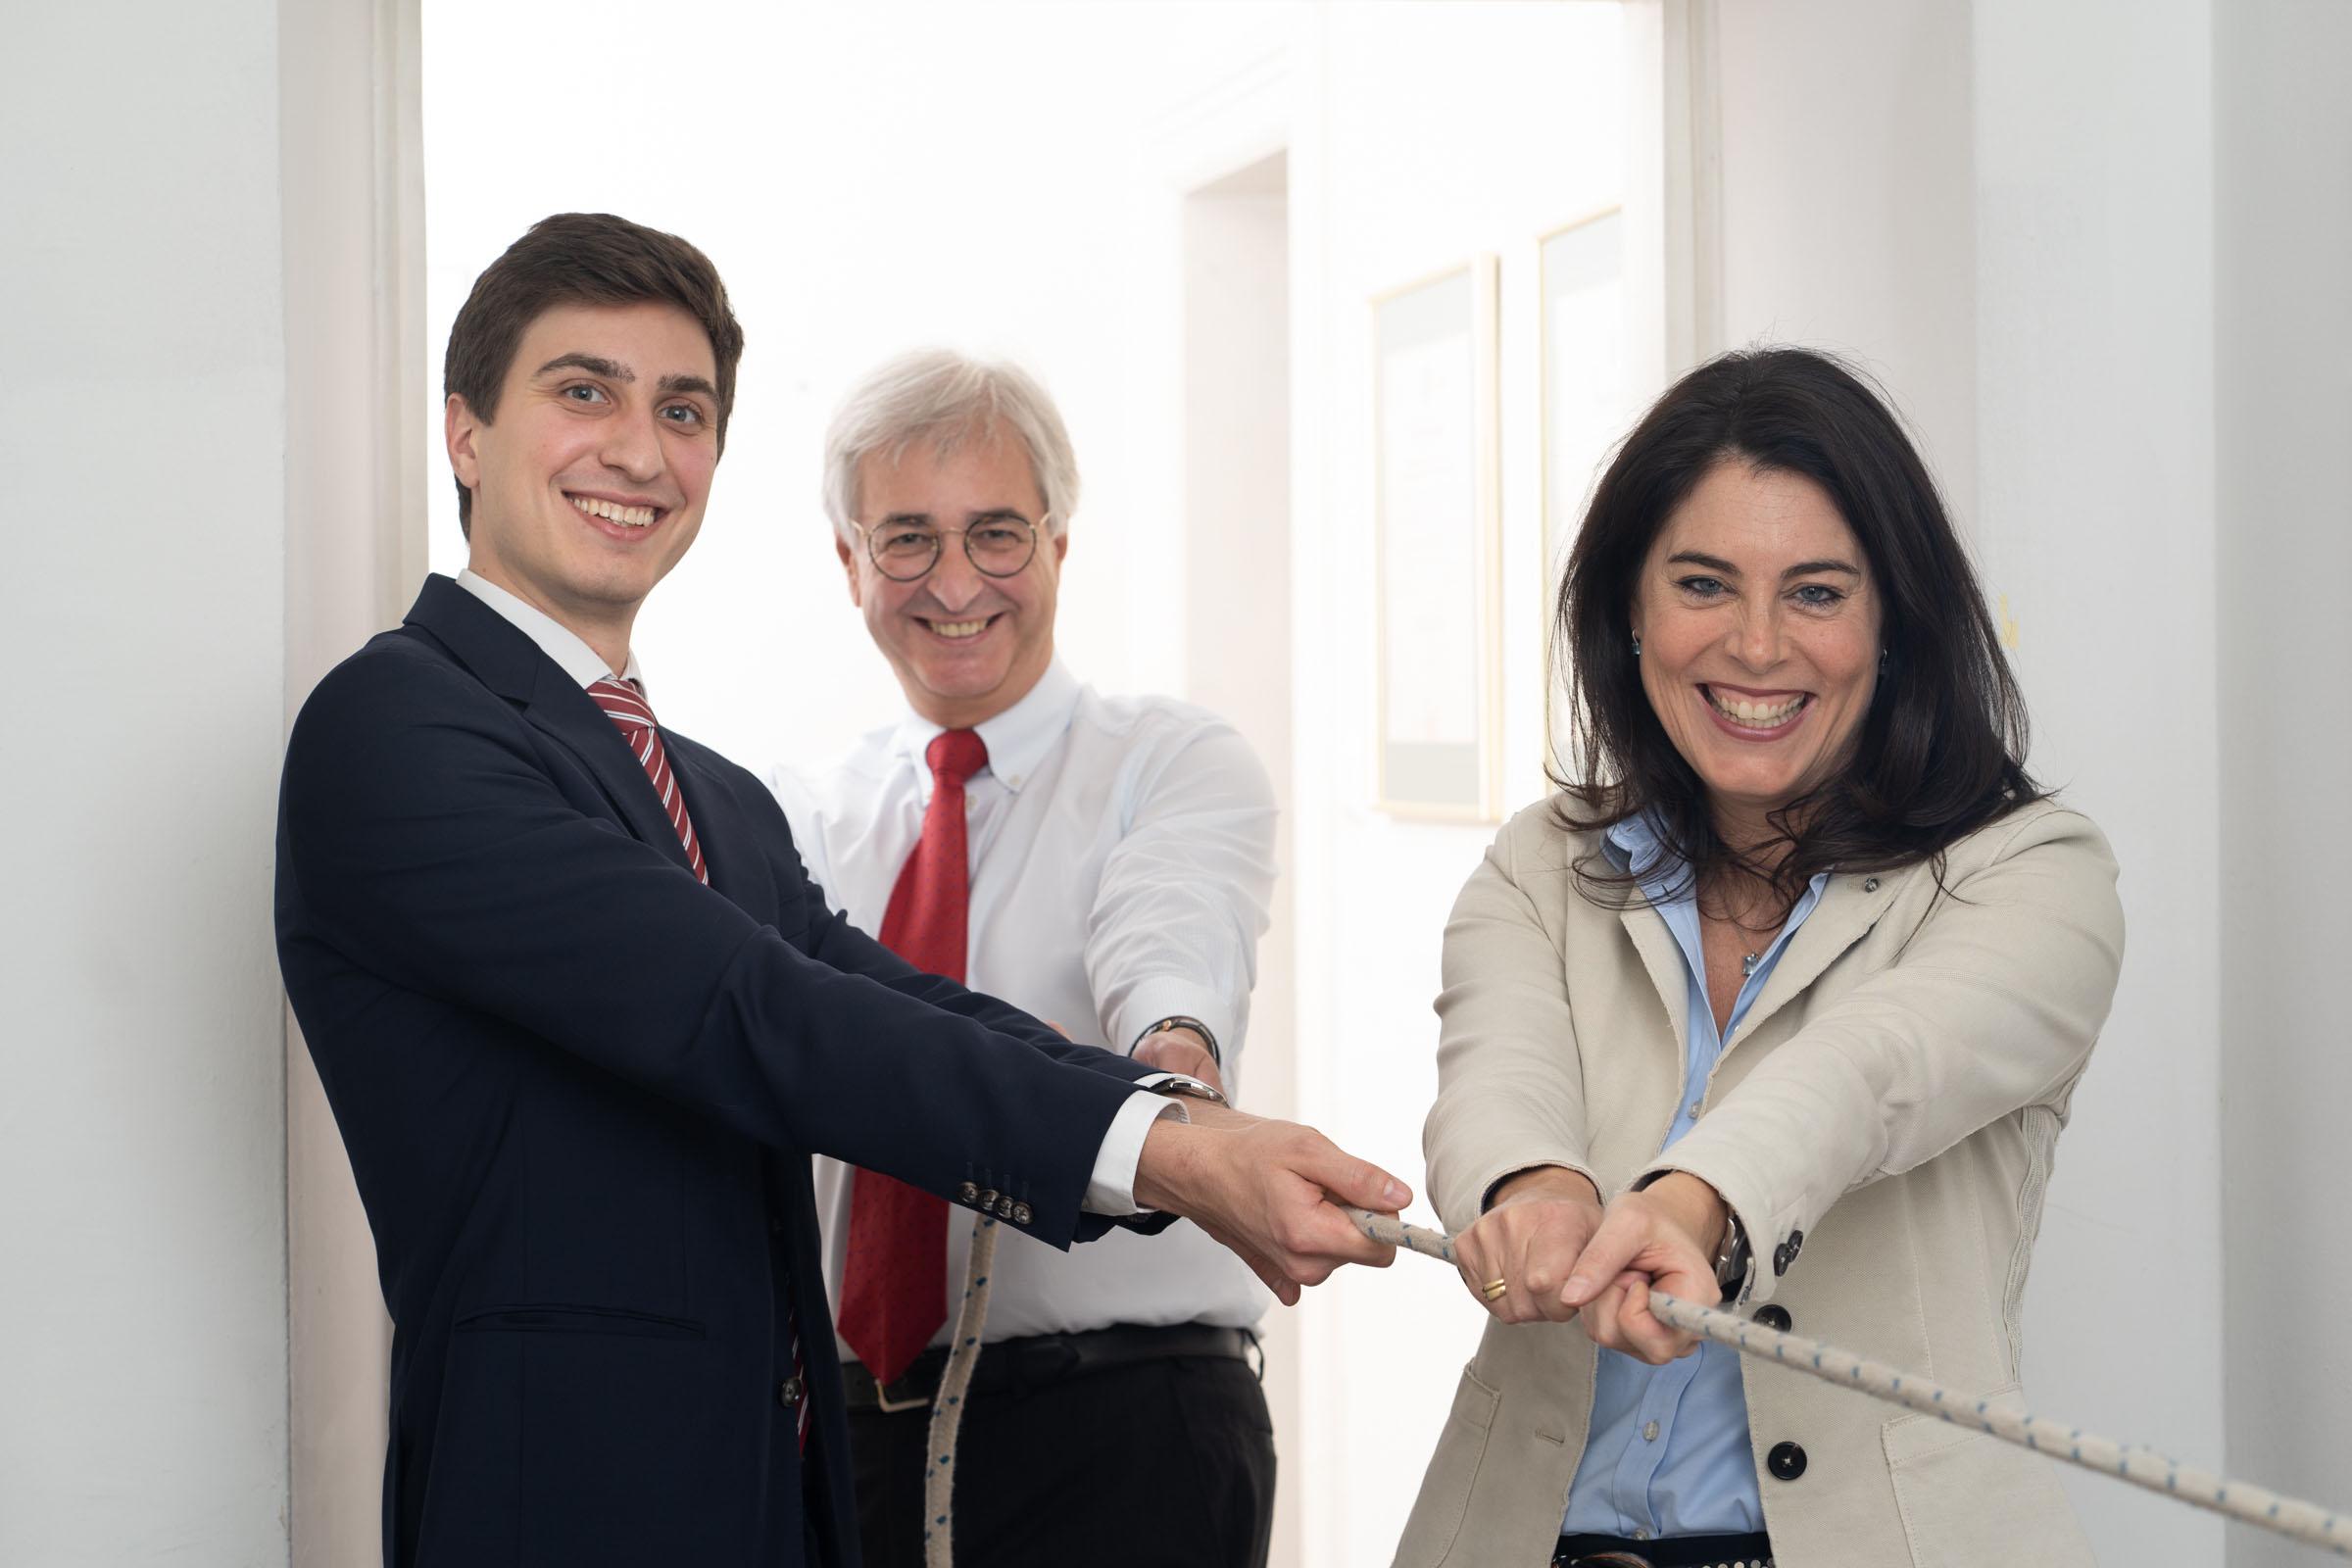 Die Partner Mag. Xavier Dyck, Dr. Michael Dyck und Dr. Christine Monticelli ziehen gemeinsame an einem Strang.